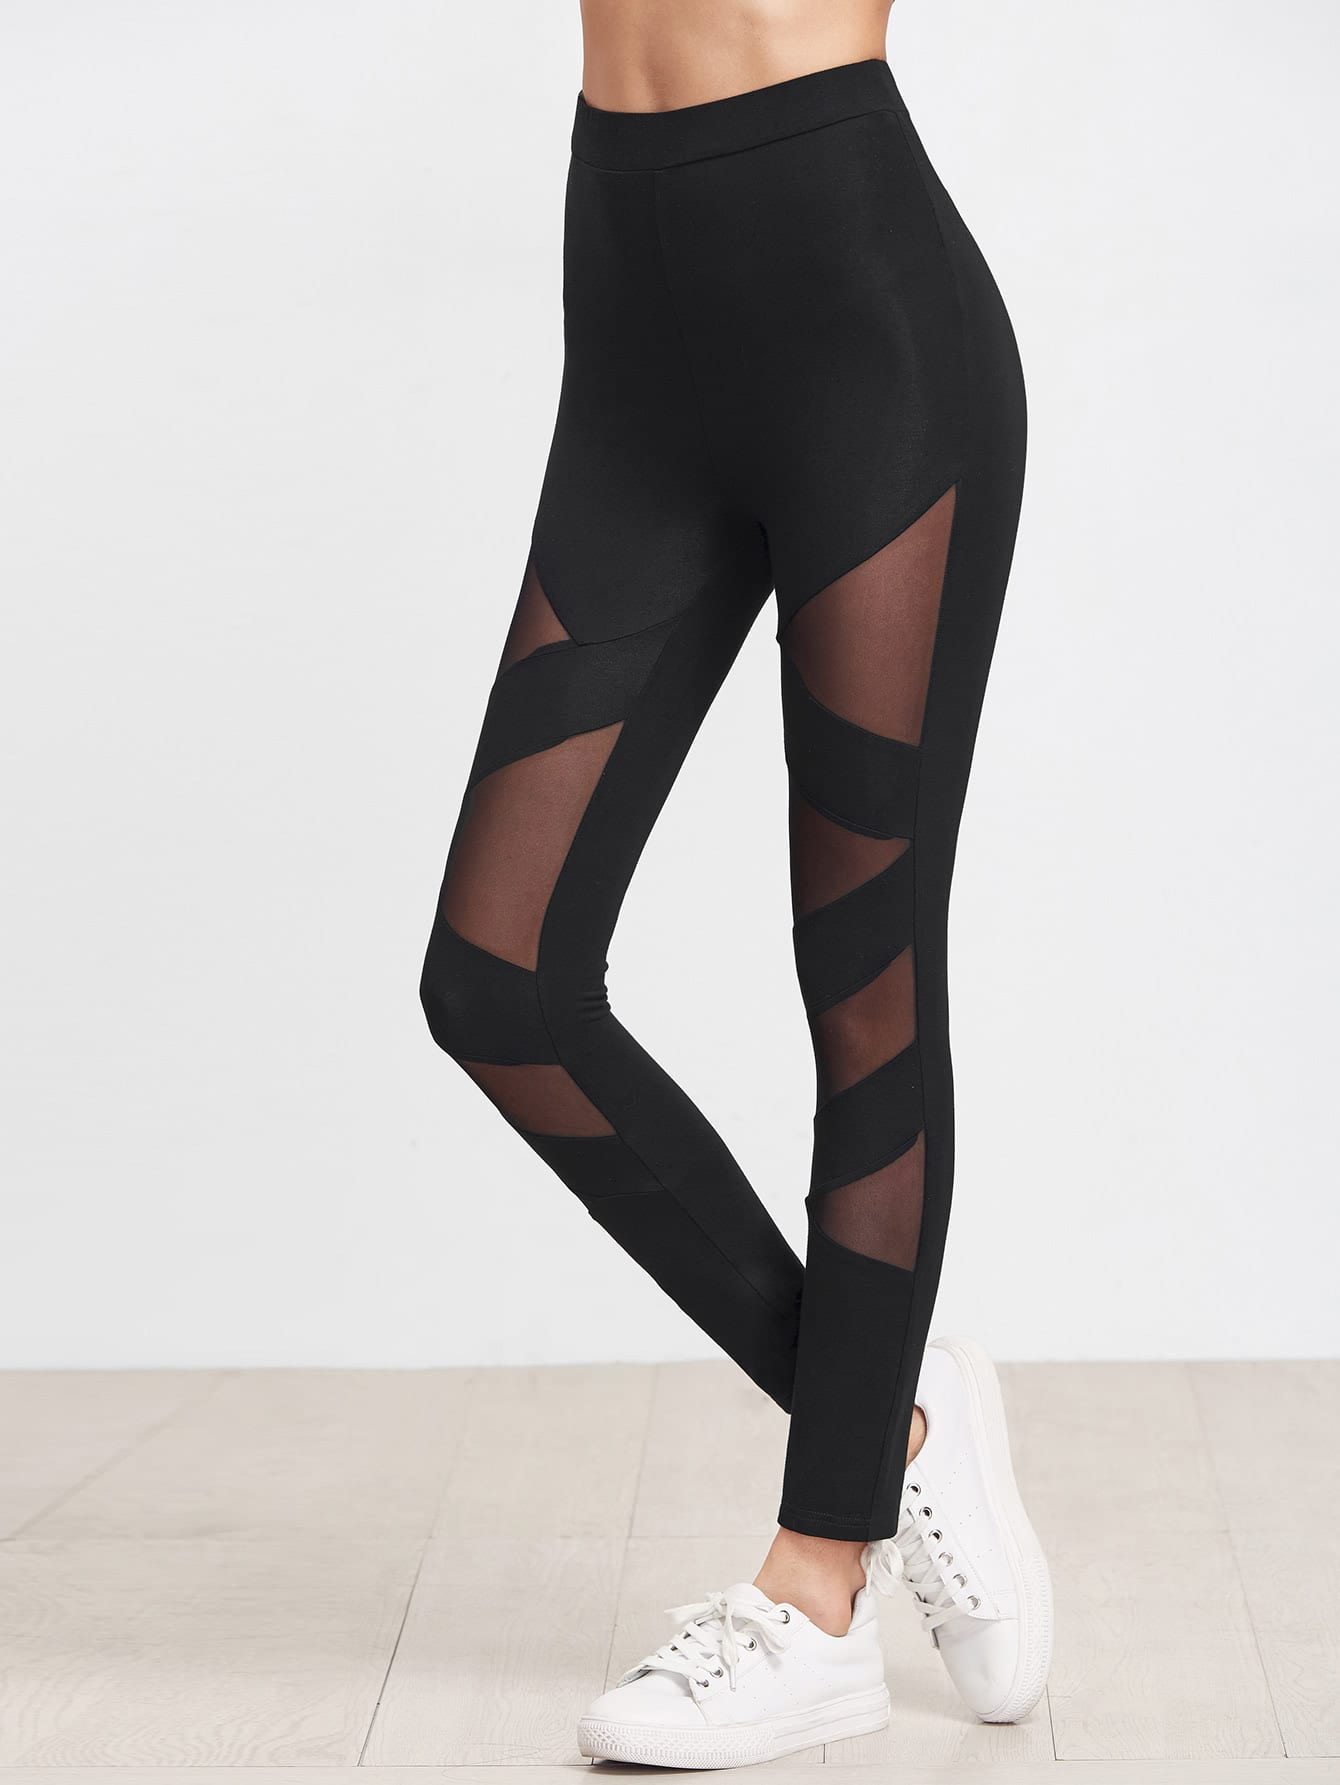 Black Mesh Insert Striped Leggings